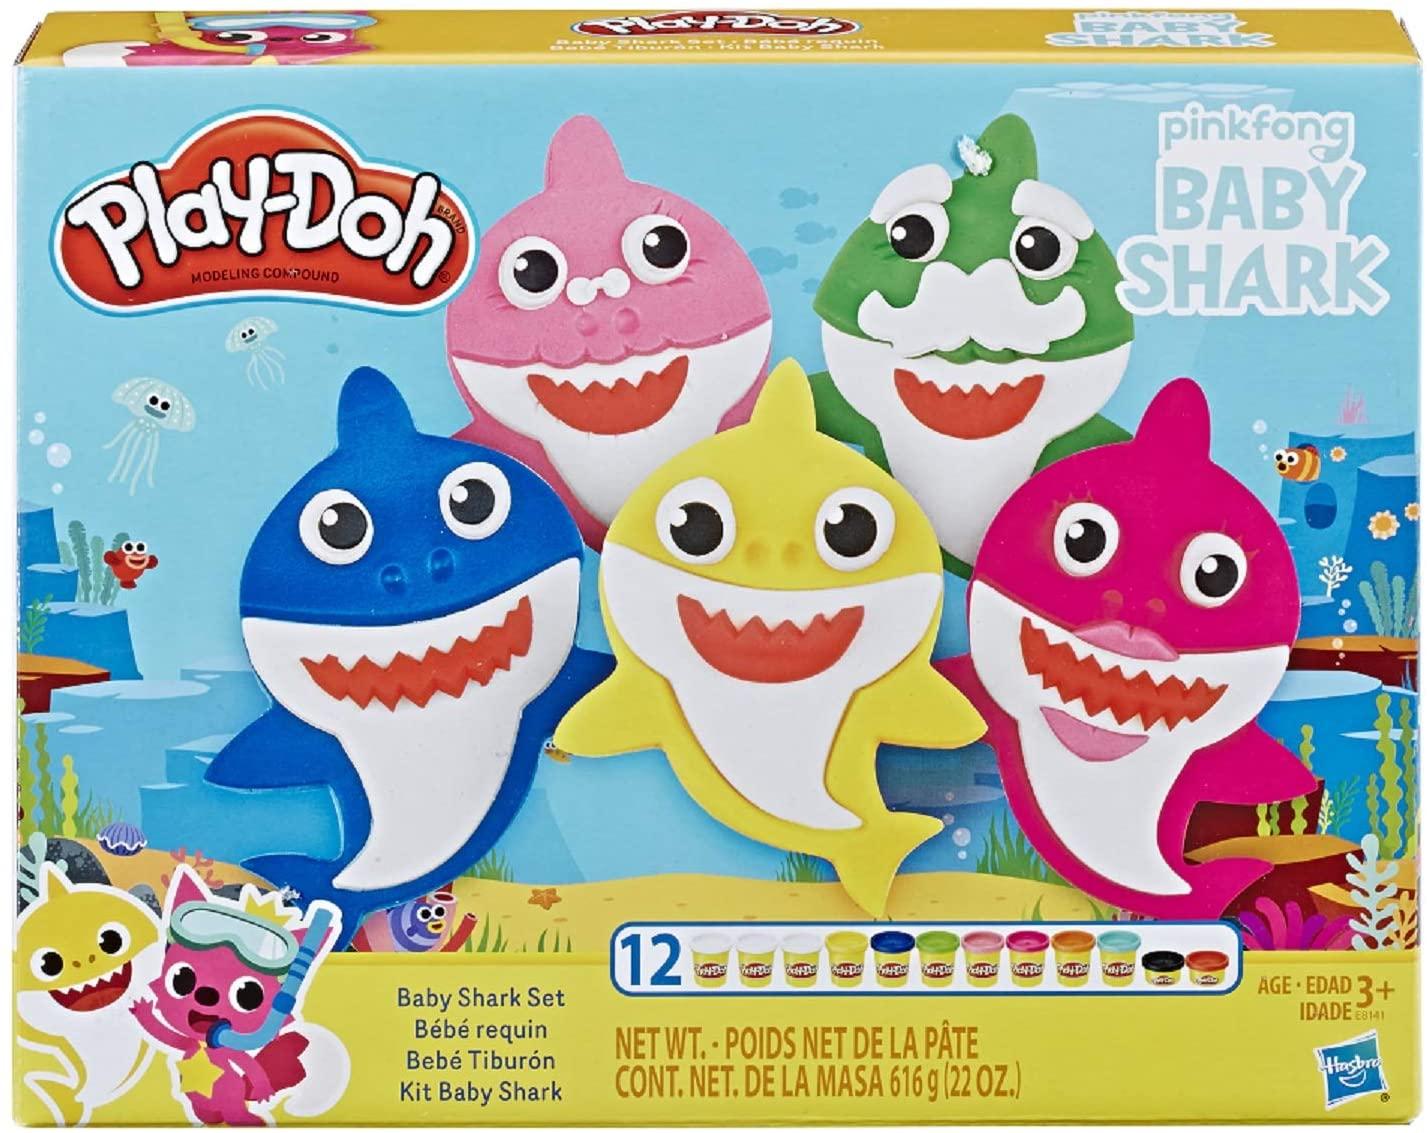 Pinkfong Baby Shark Set